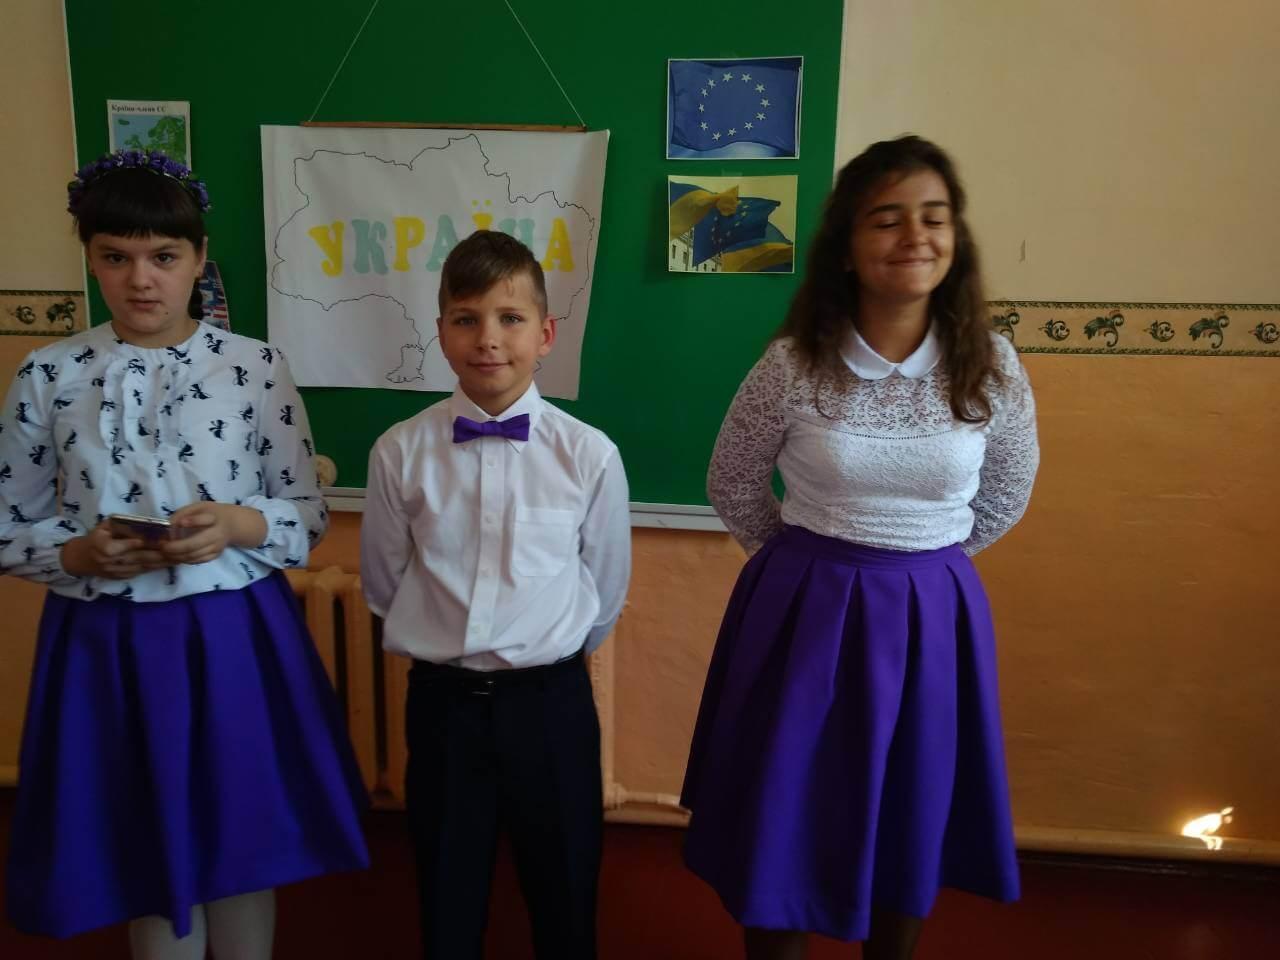 viber image - Хочемо, щоб усі жили у мирі - у Європі й в Україні